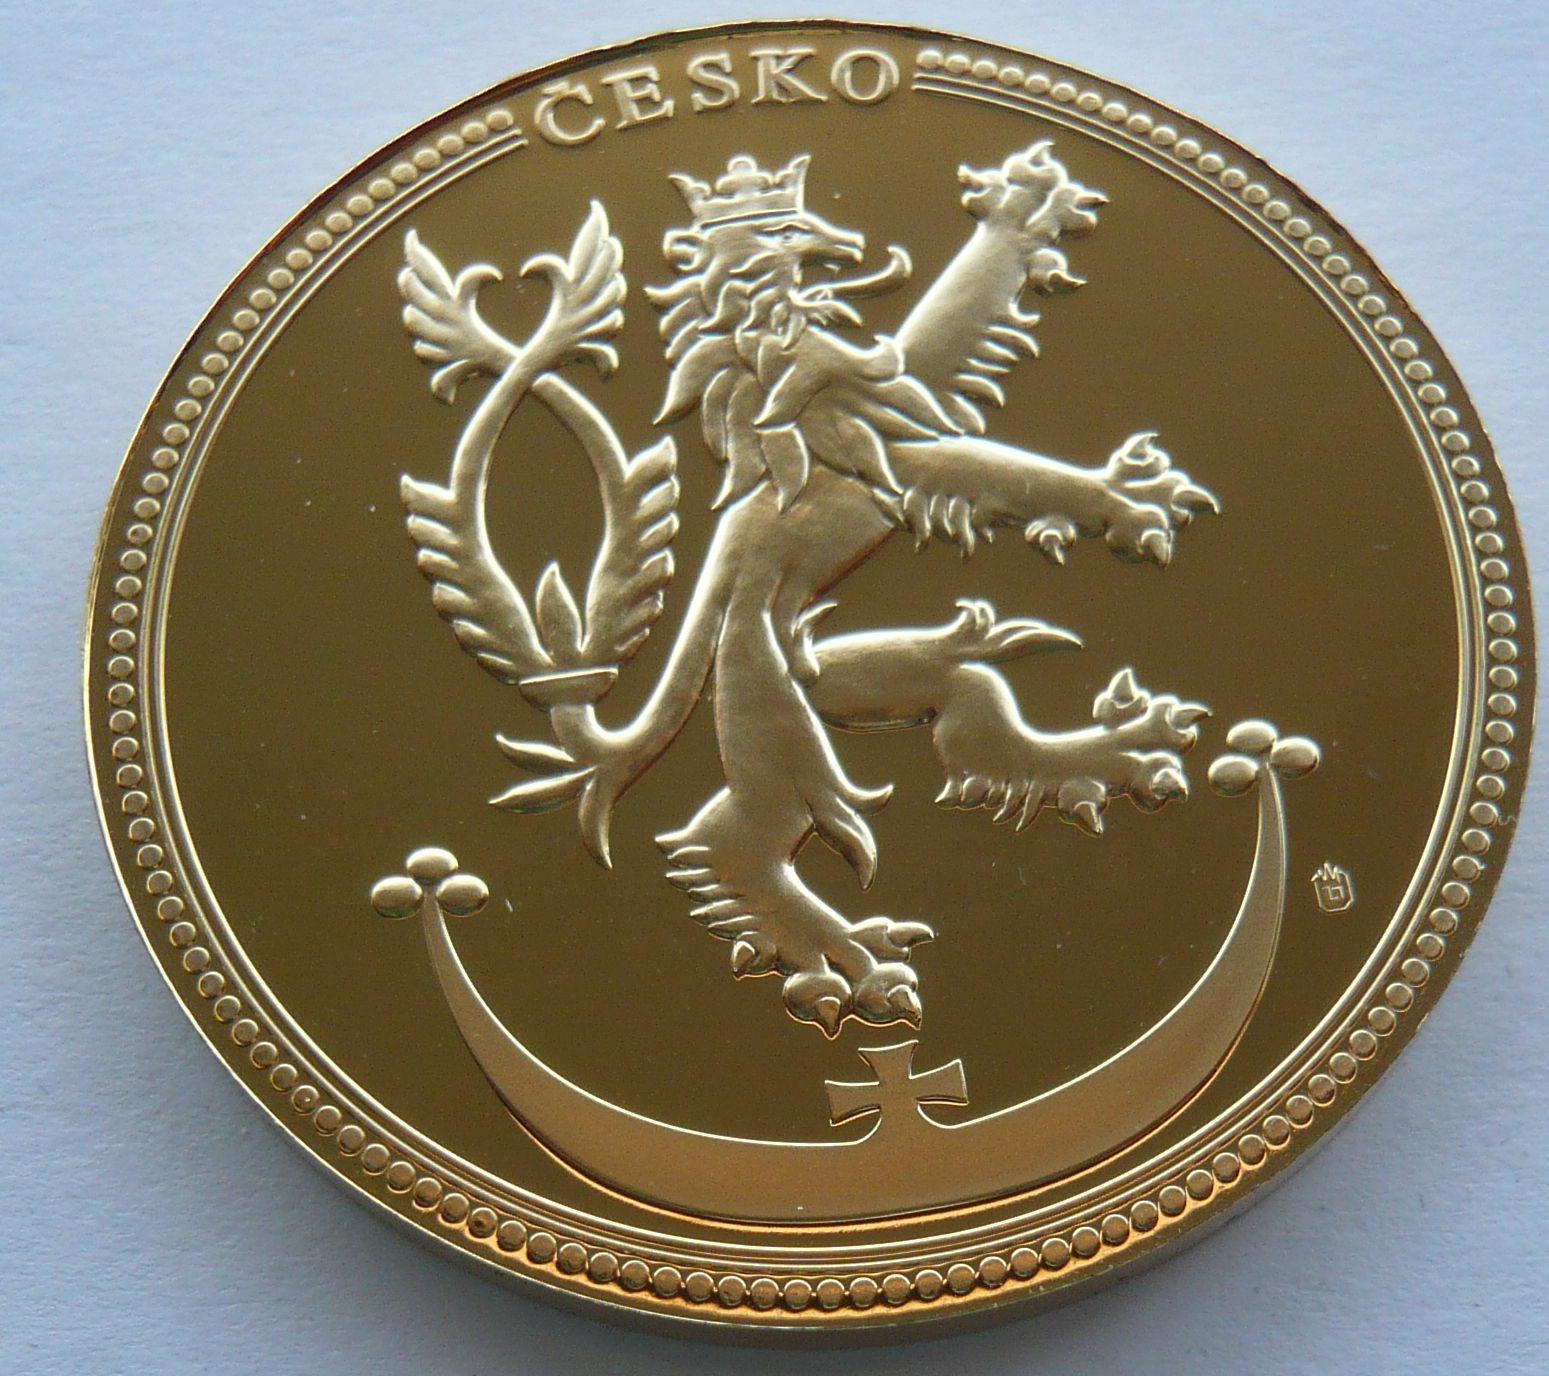 ČR 200 Kč 1998 Komenský